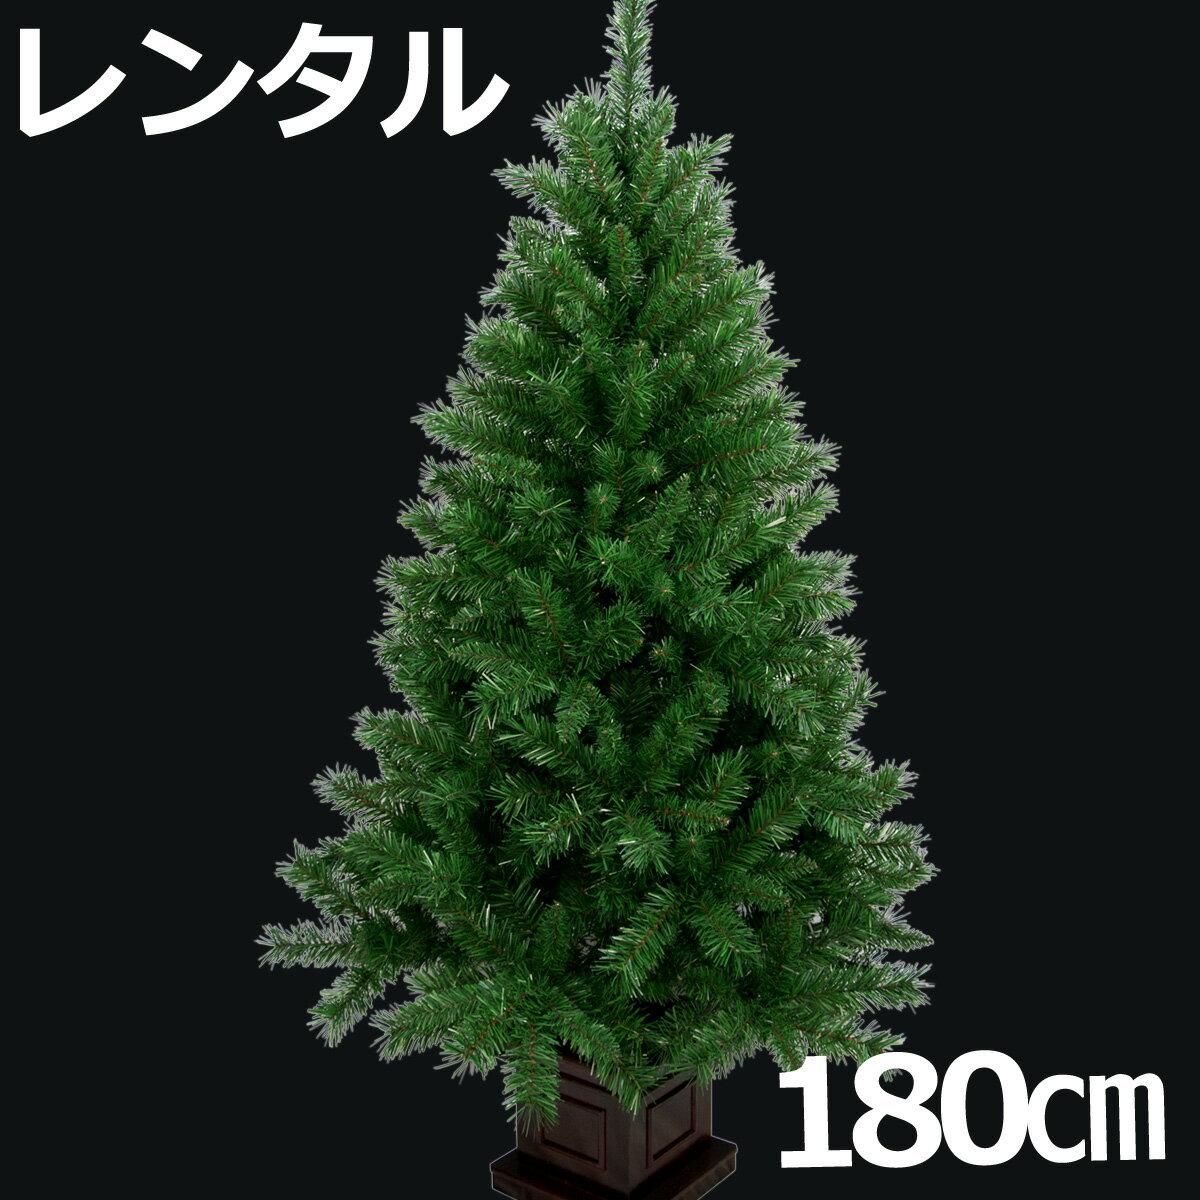 【レンタル】 クリスマスツリー ヌードツリー 180cm クリスマスツリー木のみ 【往復 送料無料】 クリスマスツリー レンタル fy16REN07